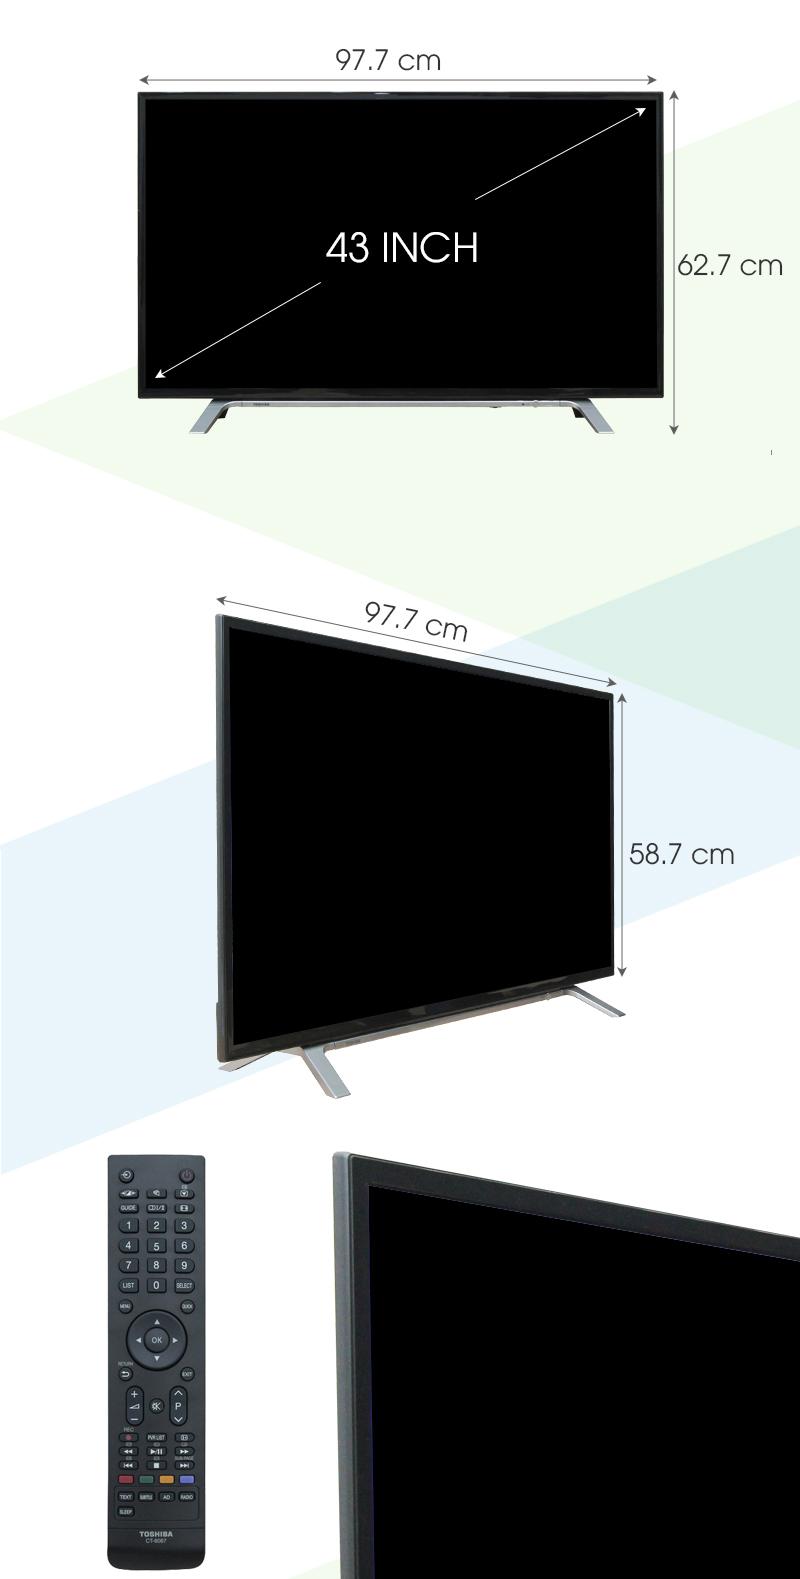 Tivi Toshiba 43 inch 43L3650 - Kích thước tivi